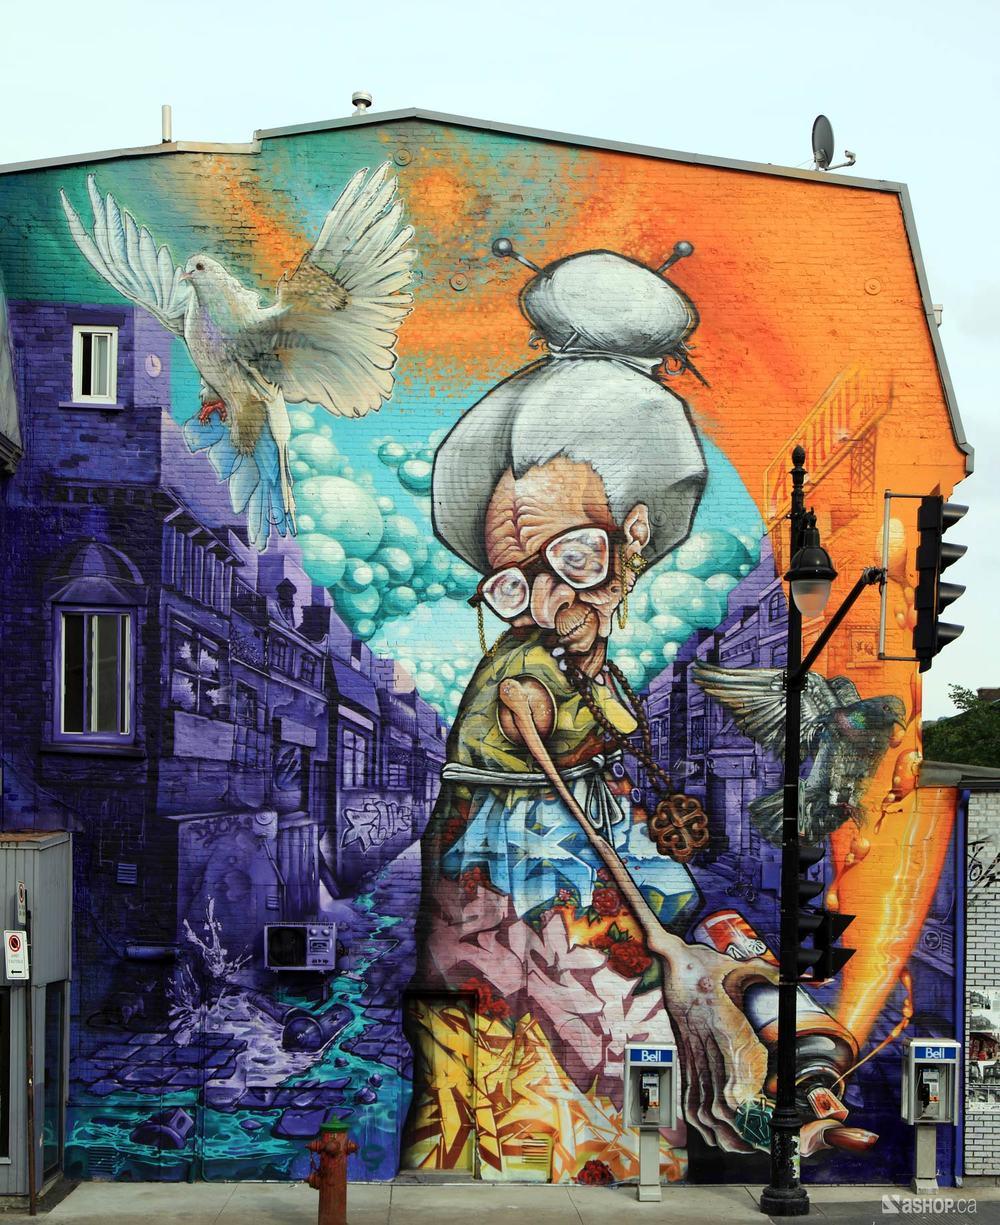 Graffiti art for sale canada - Granny 28 Jpg